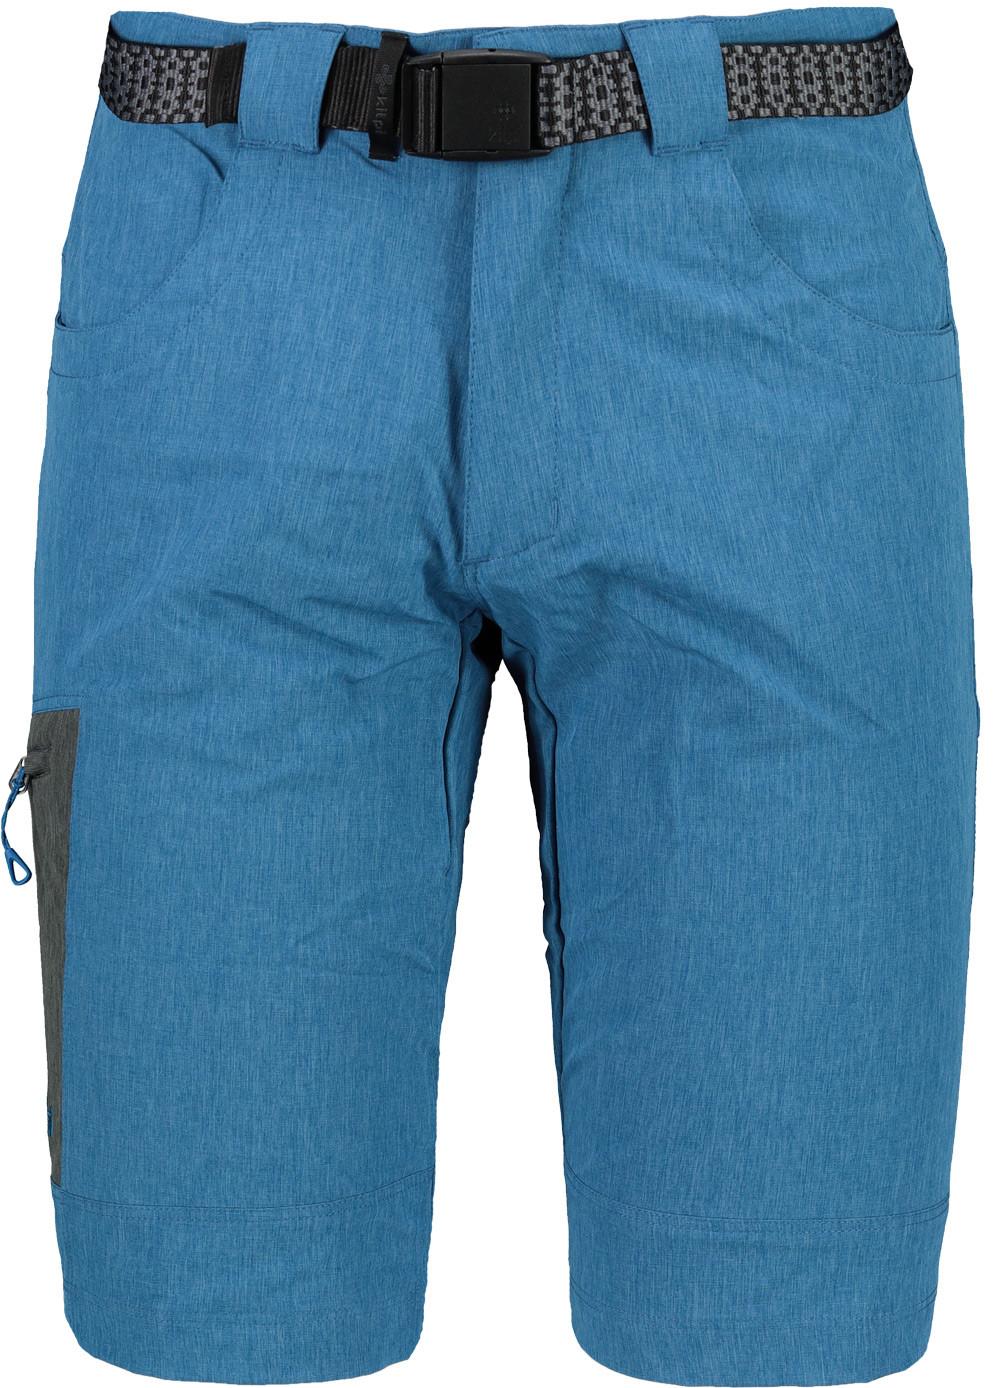 Men's shorts Kilpi JOSEPH-M